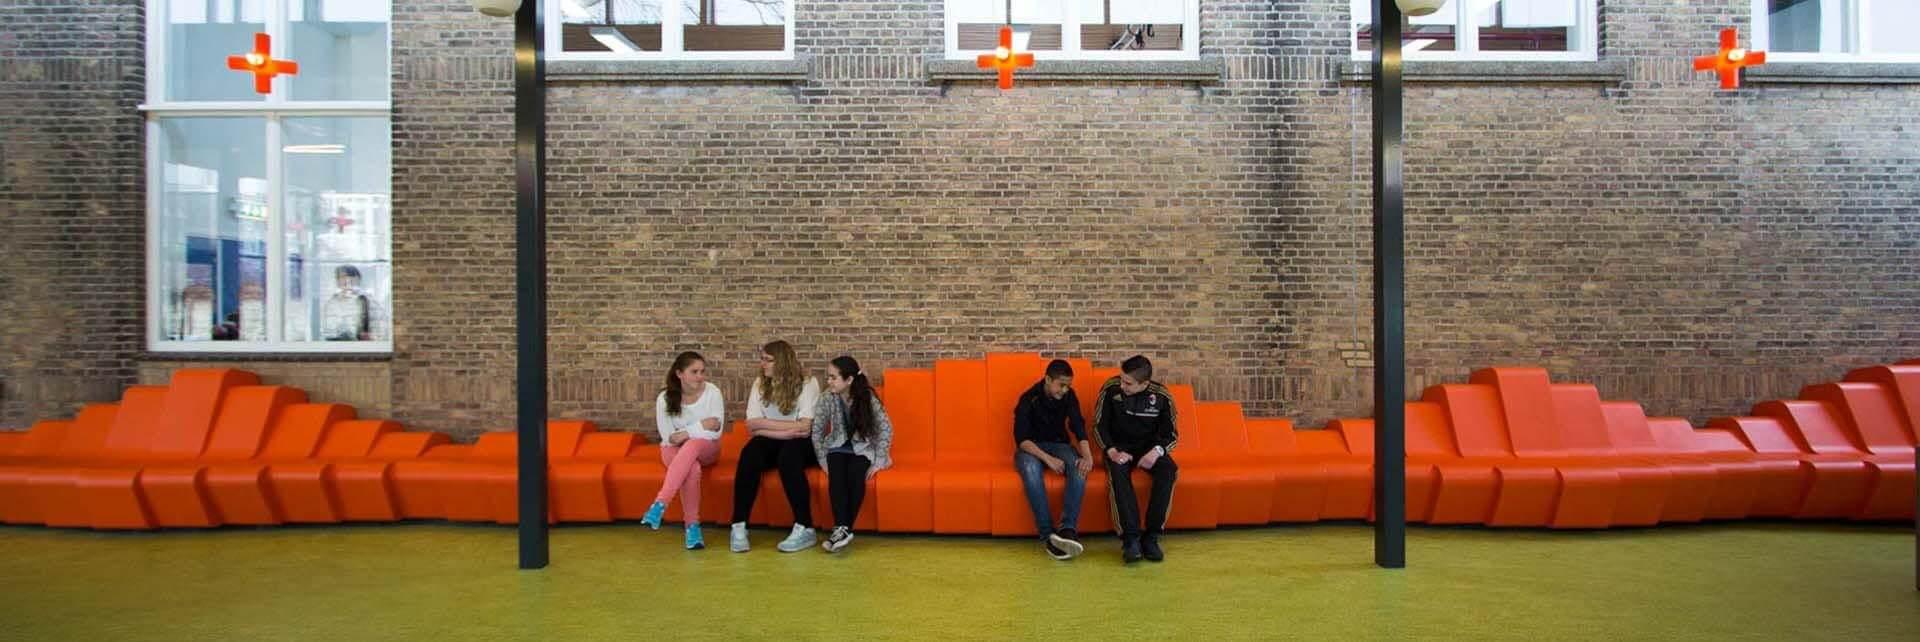 Aanbouw aula VMBO Statenkwartier, Den Haag